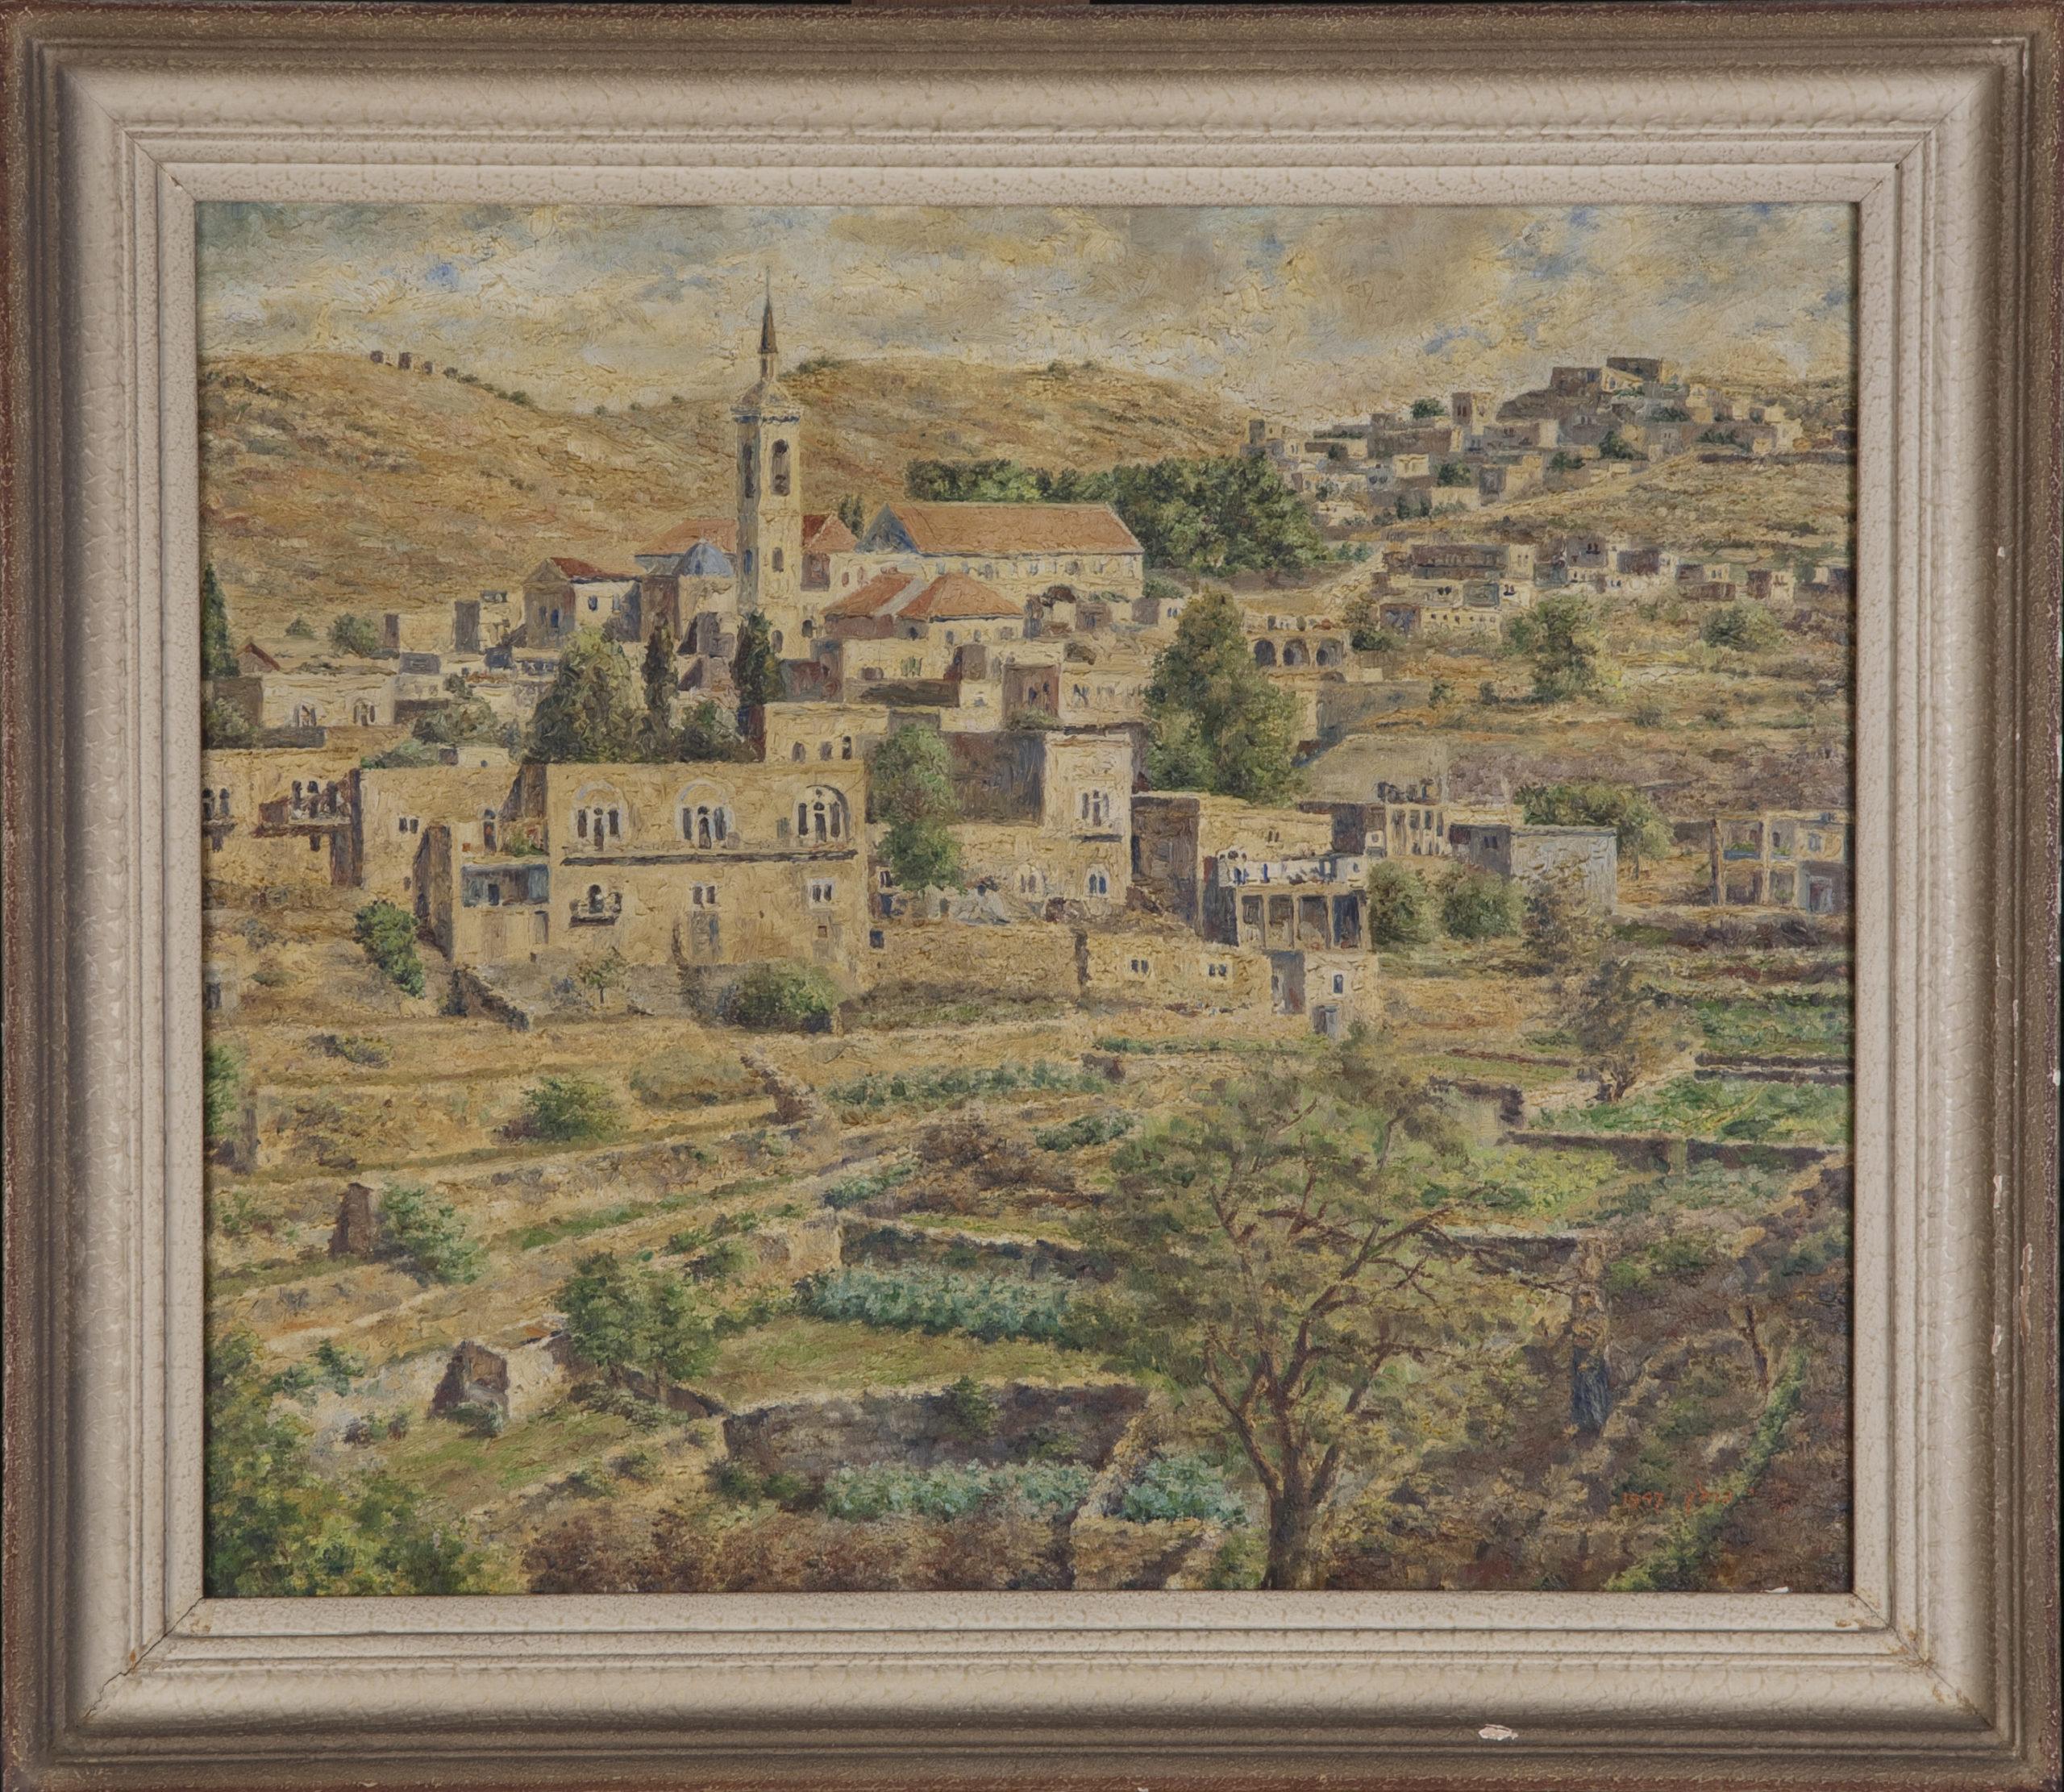 244 Ein Karem 1947 - Oil on Canvas - 21.5 x 18.125 - Frame: 25.25 x 22.5 x 1.5